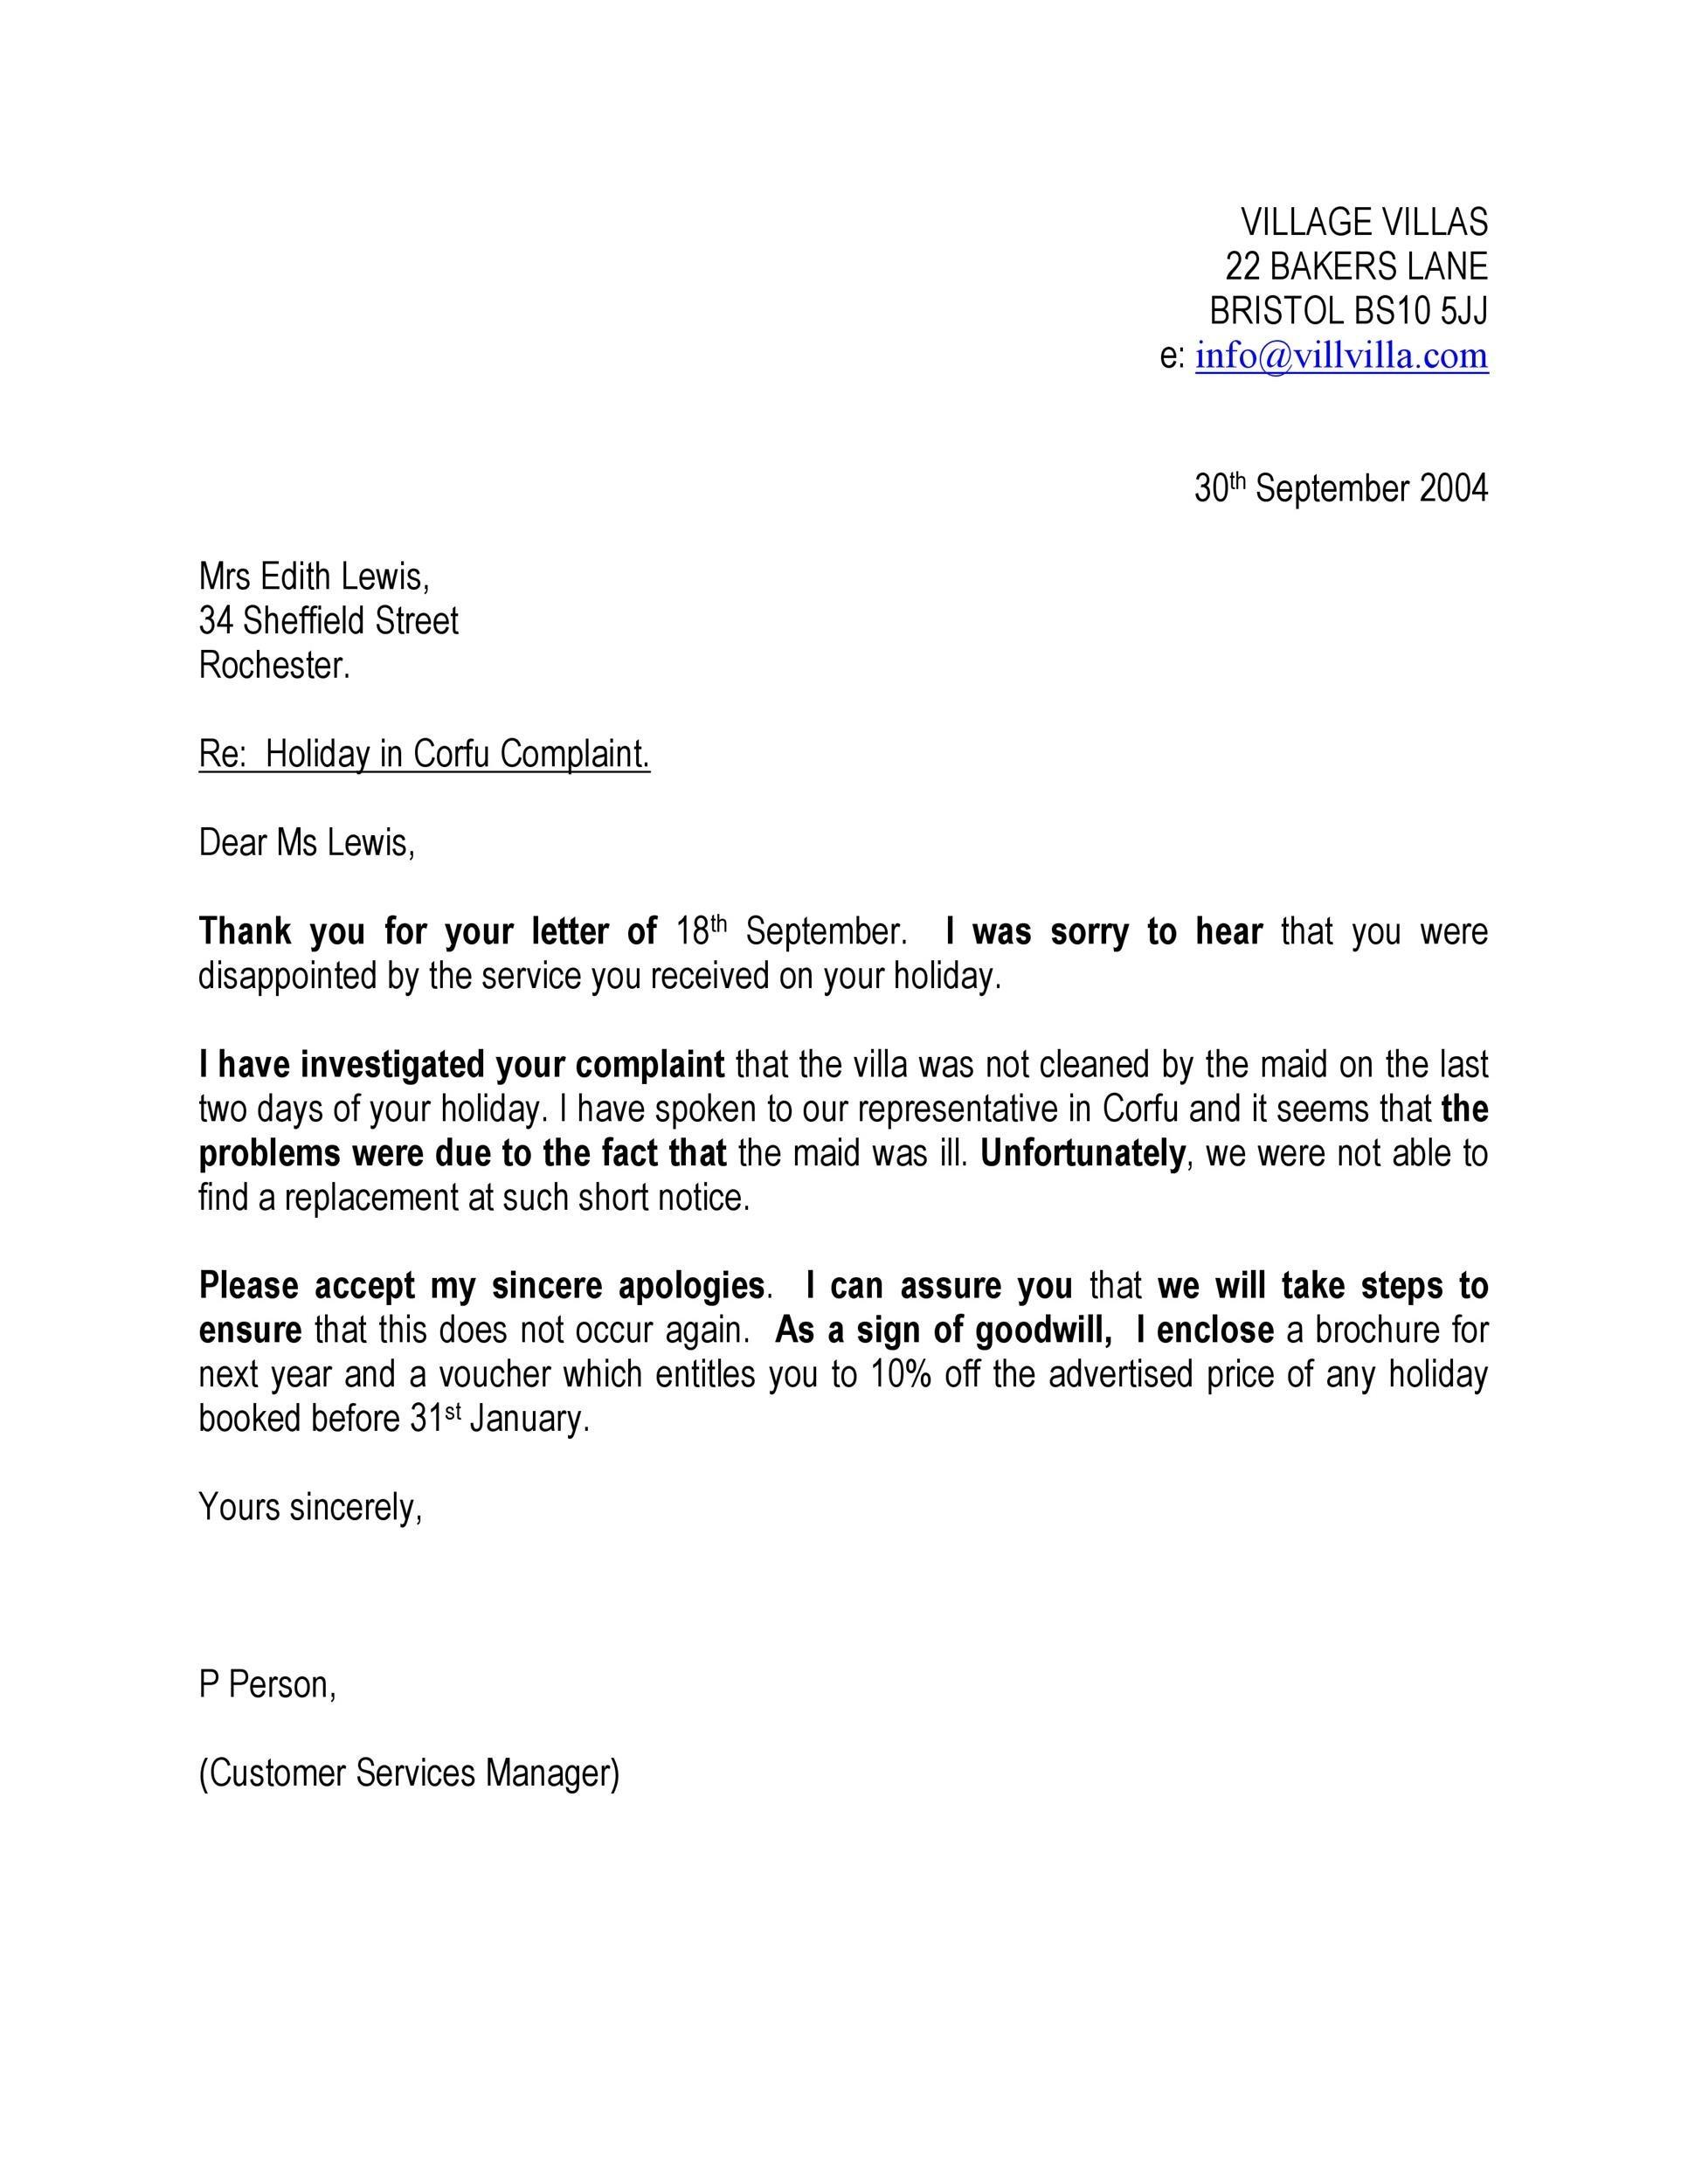 Free adjustment letter 10